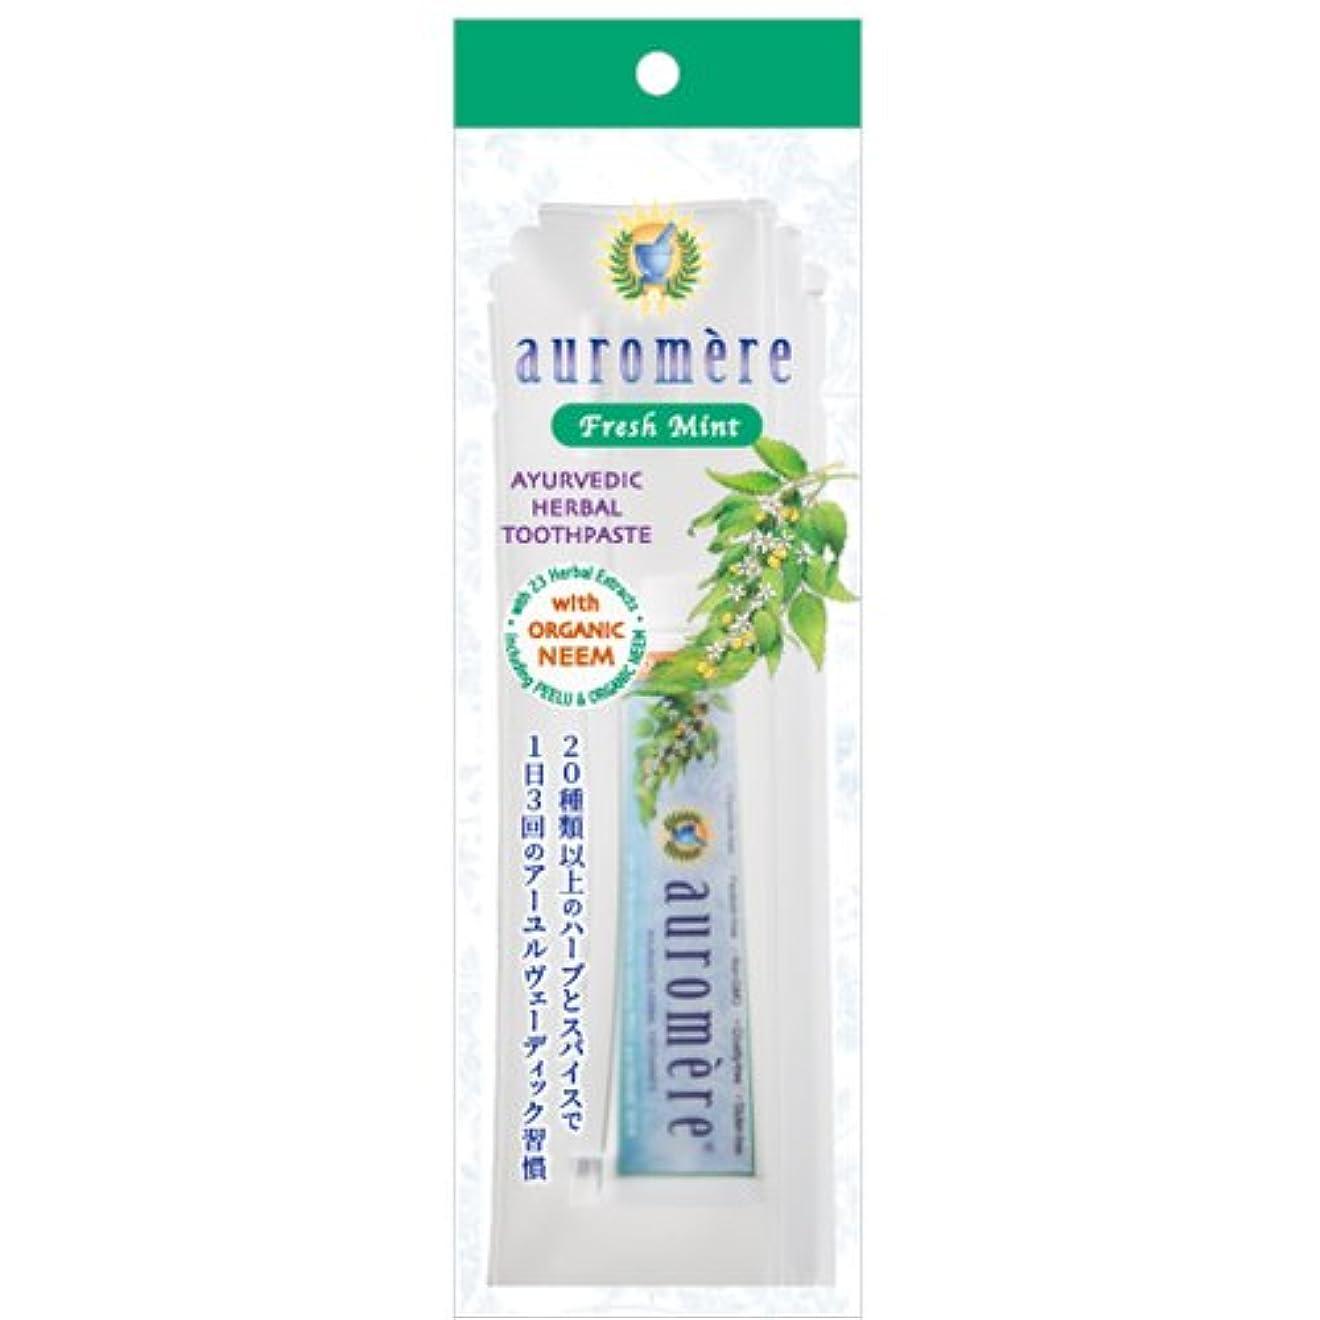 元の制約精神医学オーロメア 歯磨き粉 フレッシュミント トラベルセット (30g)